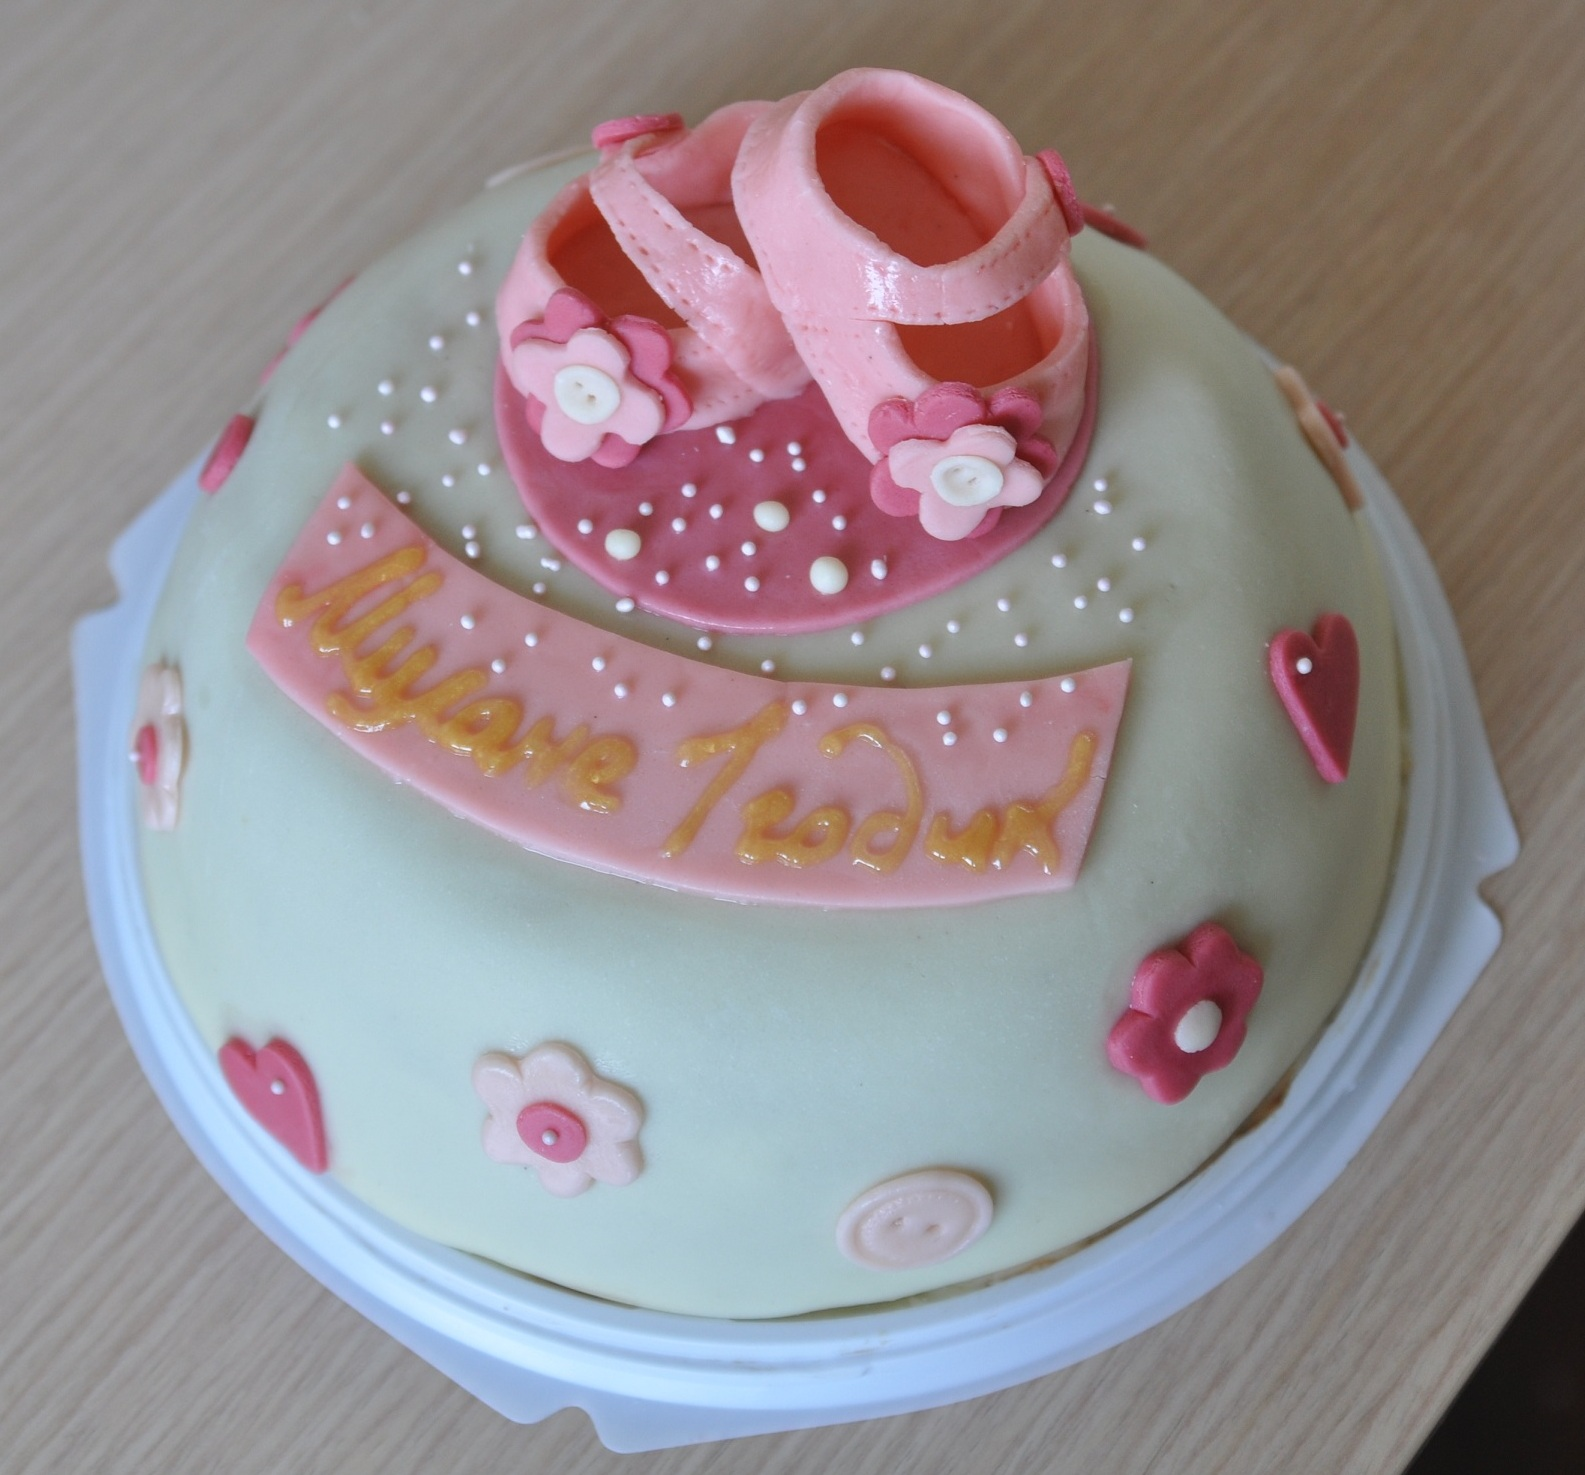 Как украсить торт в домашних условиях пошагово детский девочка